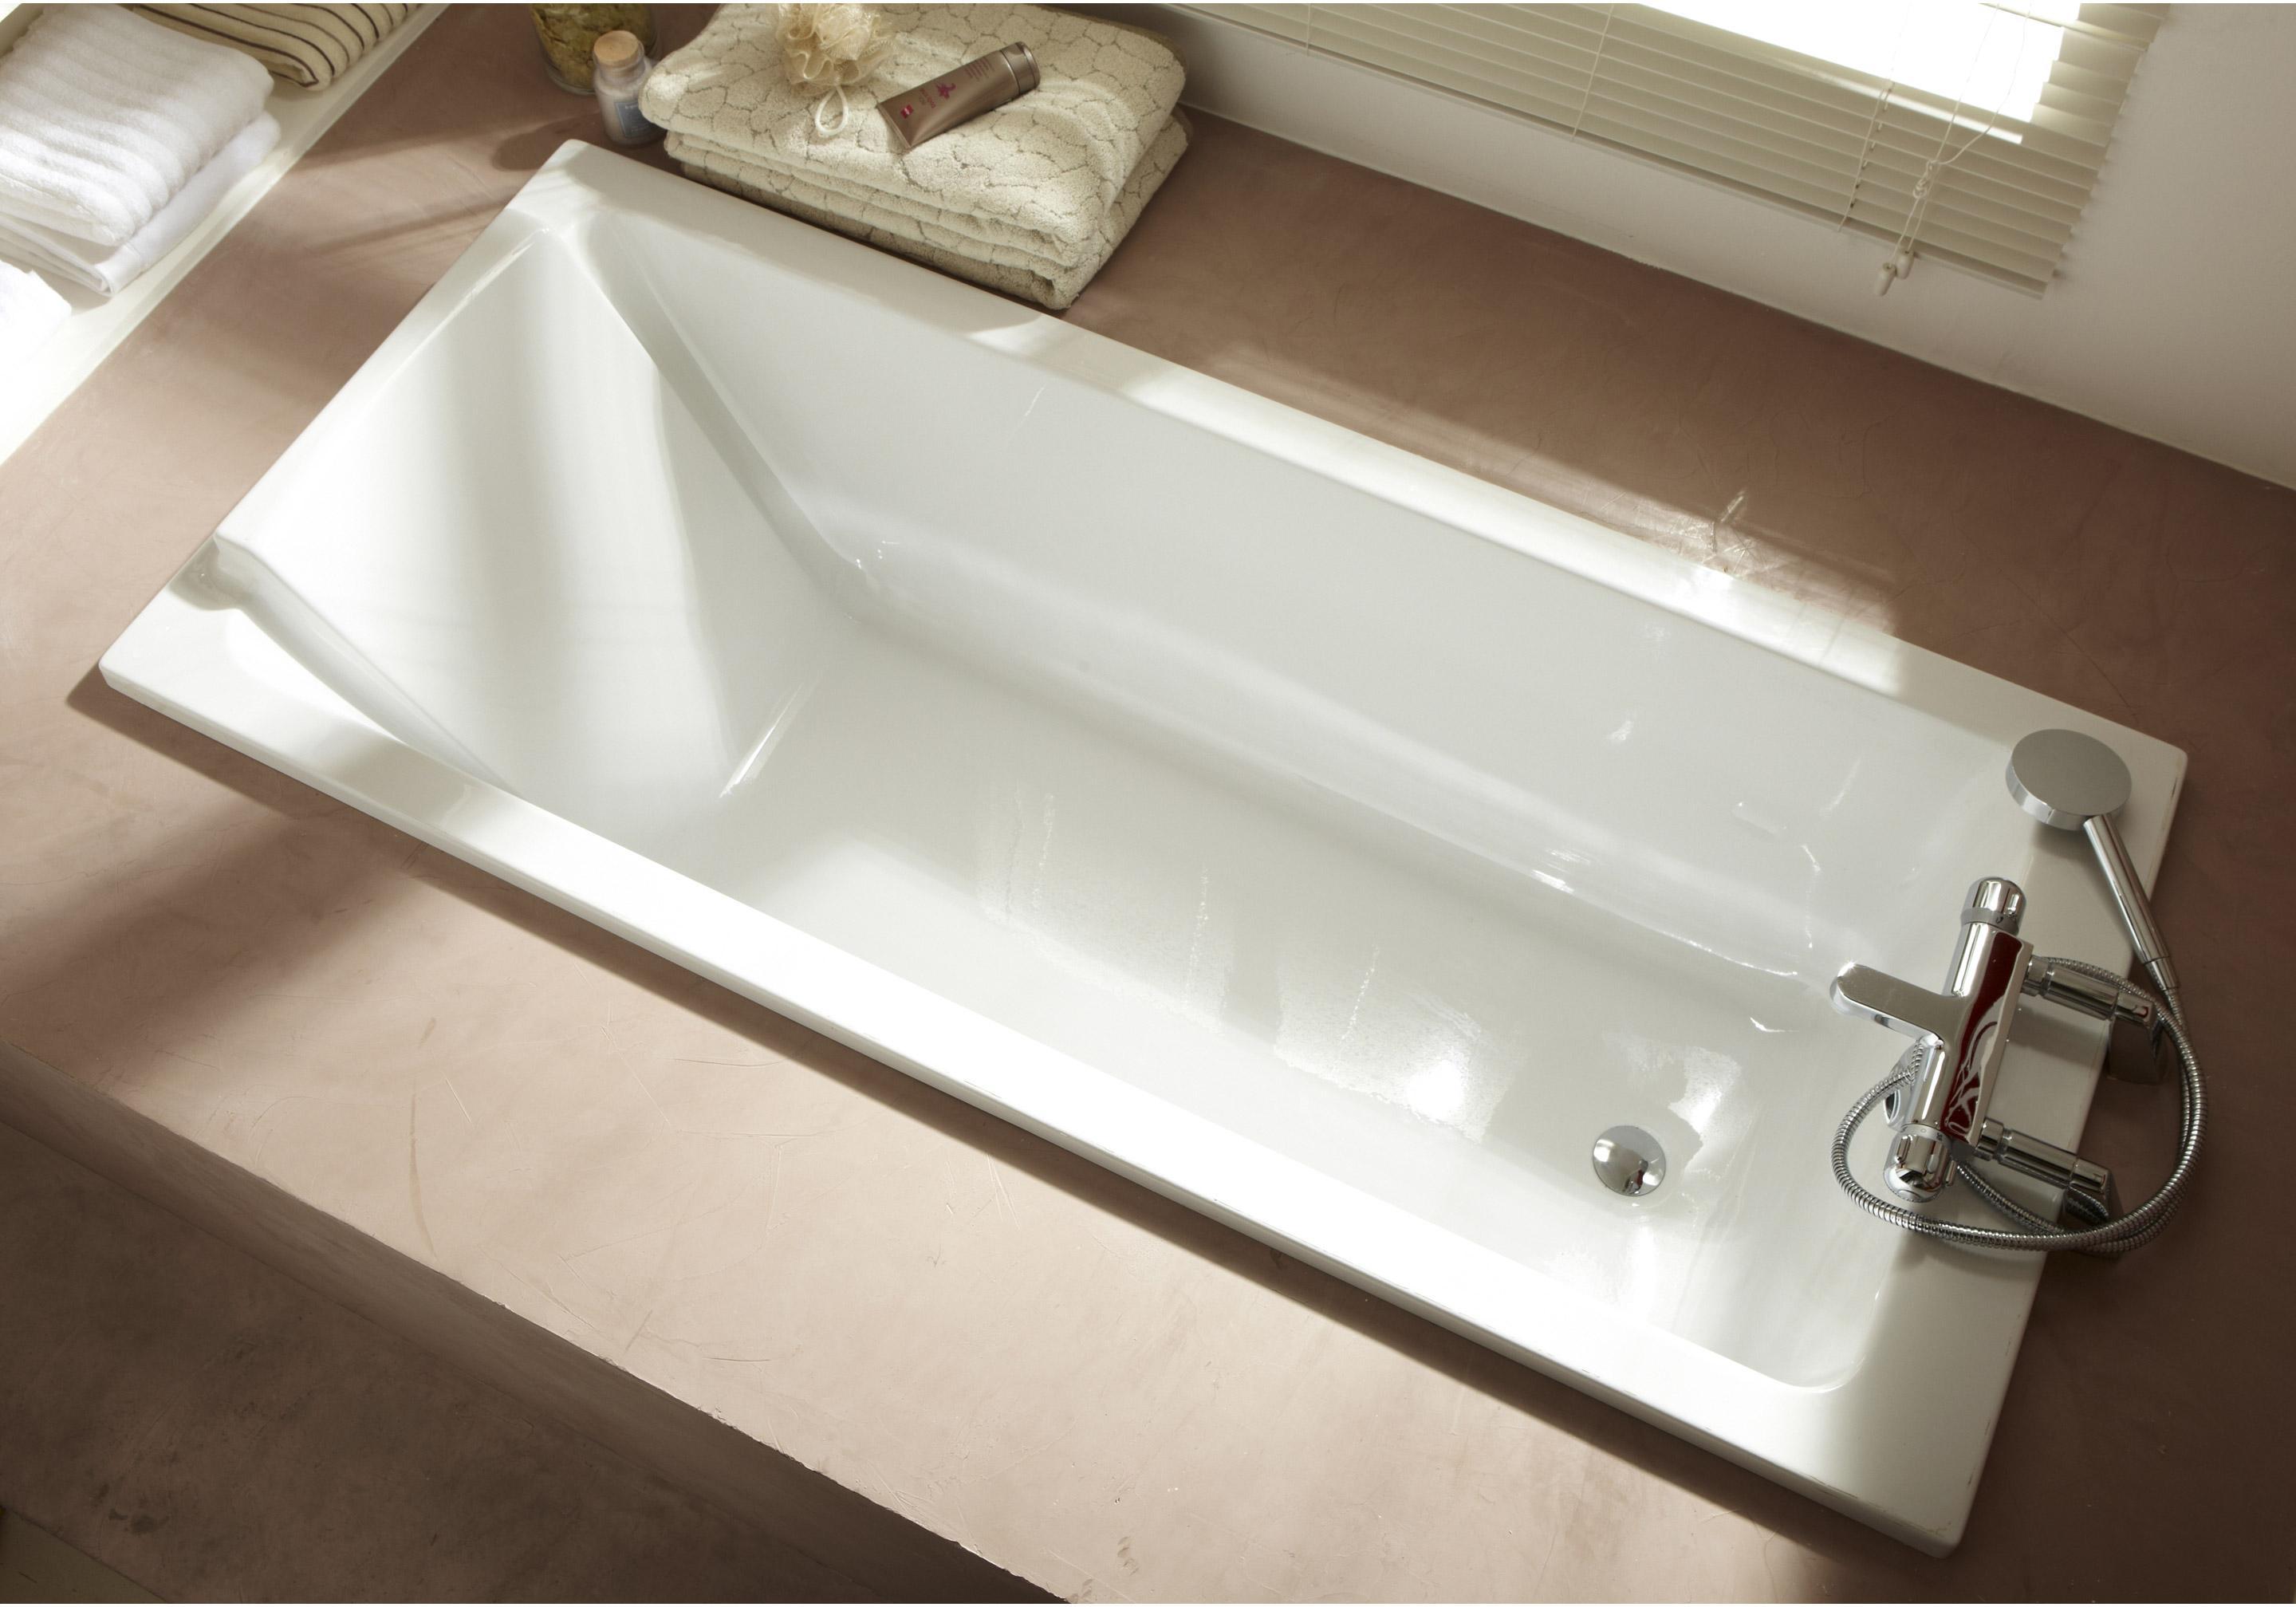 Baignoire rectangulaire L.170x l.75 cm blanc, JACOB DELAFON Sofa ... ea123327908f